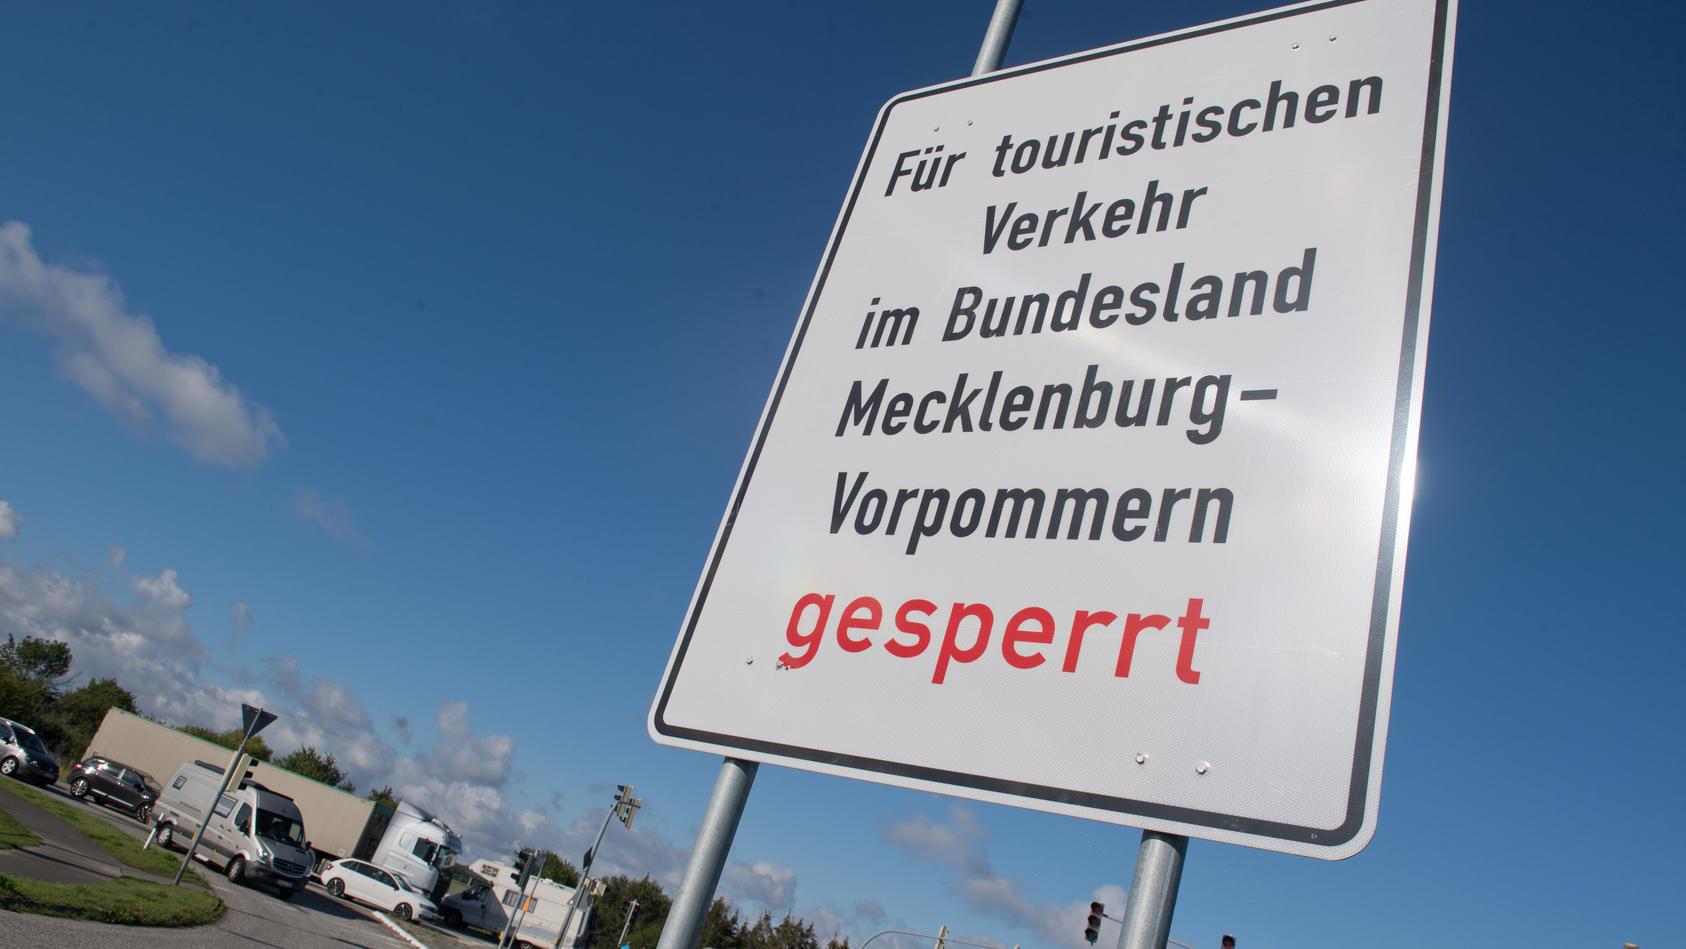 Tagestouristen in Mecklenburg-Vorpommern